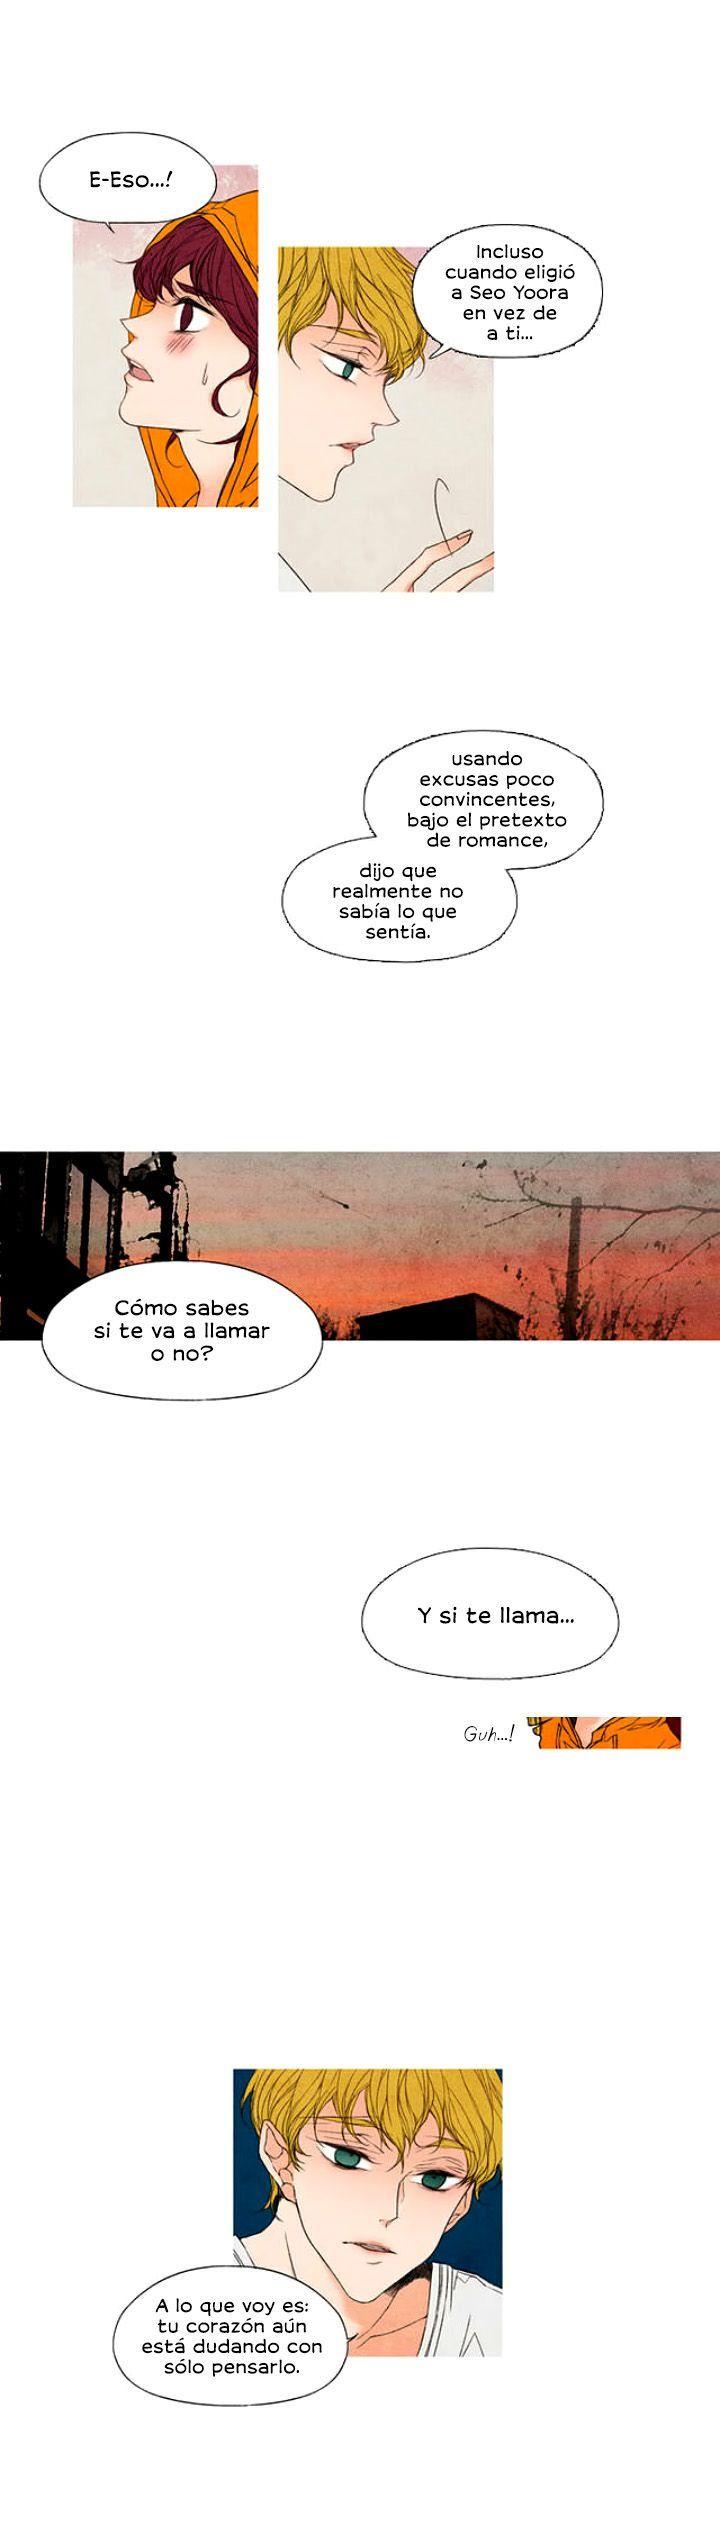 Marmoleado Romántico Capítulo 20 página 8 - Leer Manga en Español gratis en NineManga.com